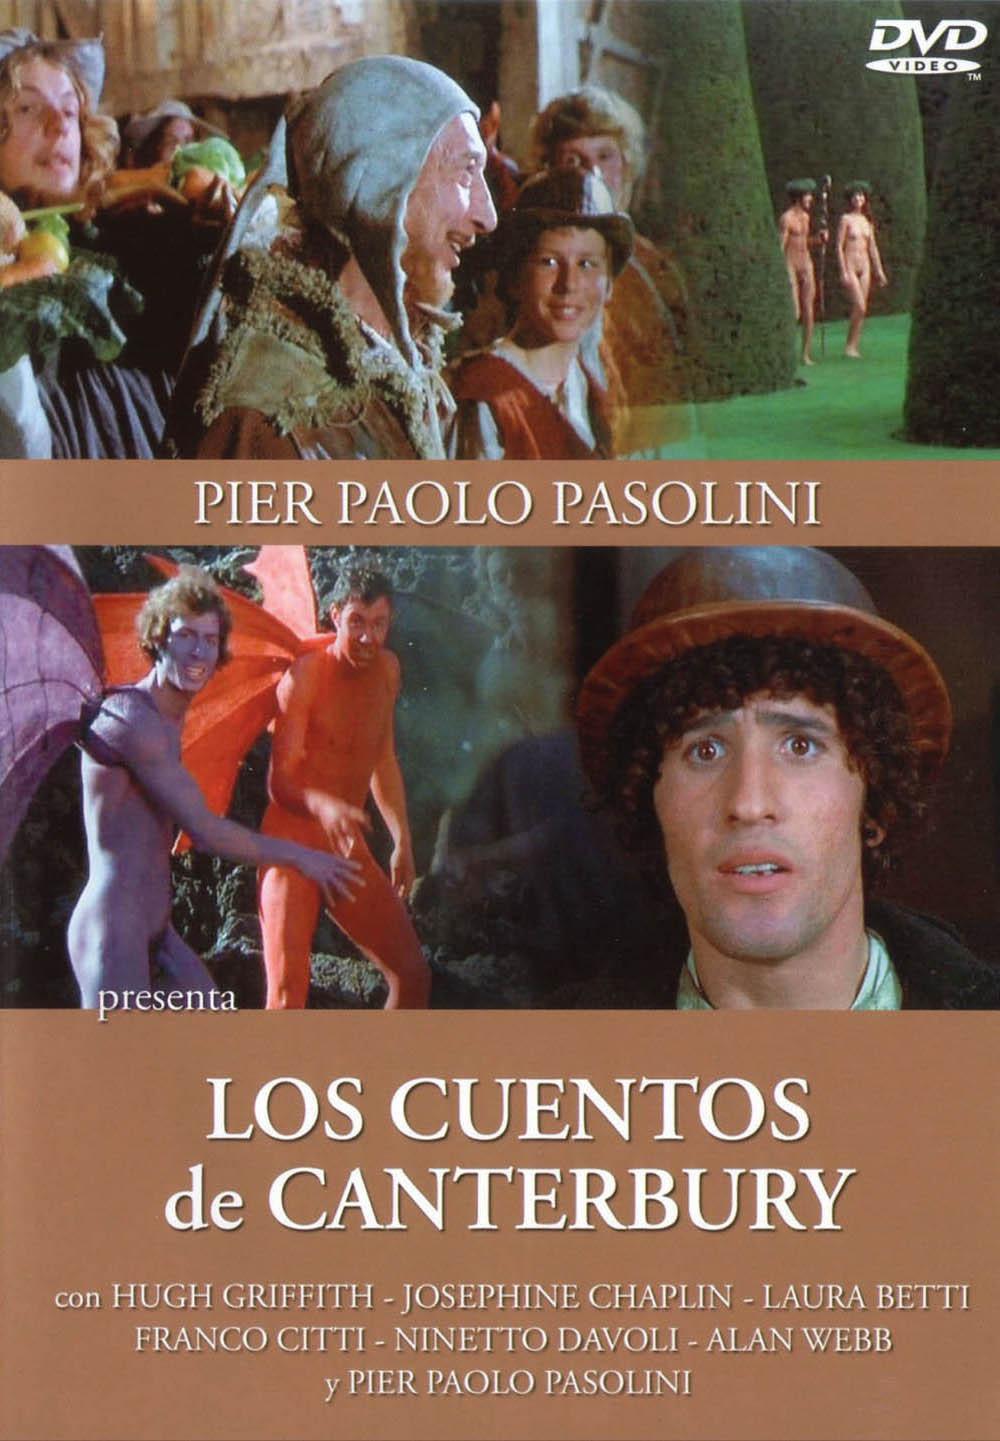 Cartel de Los cuentos de Canterbury